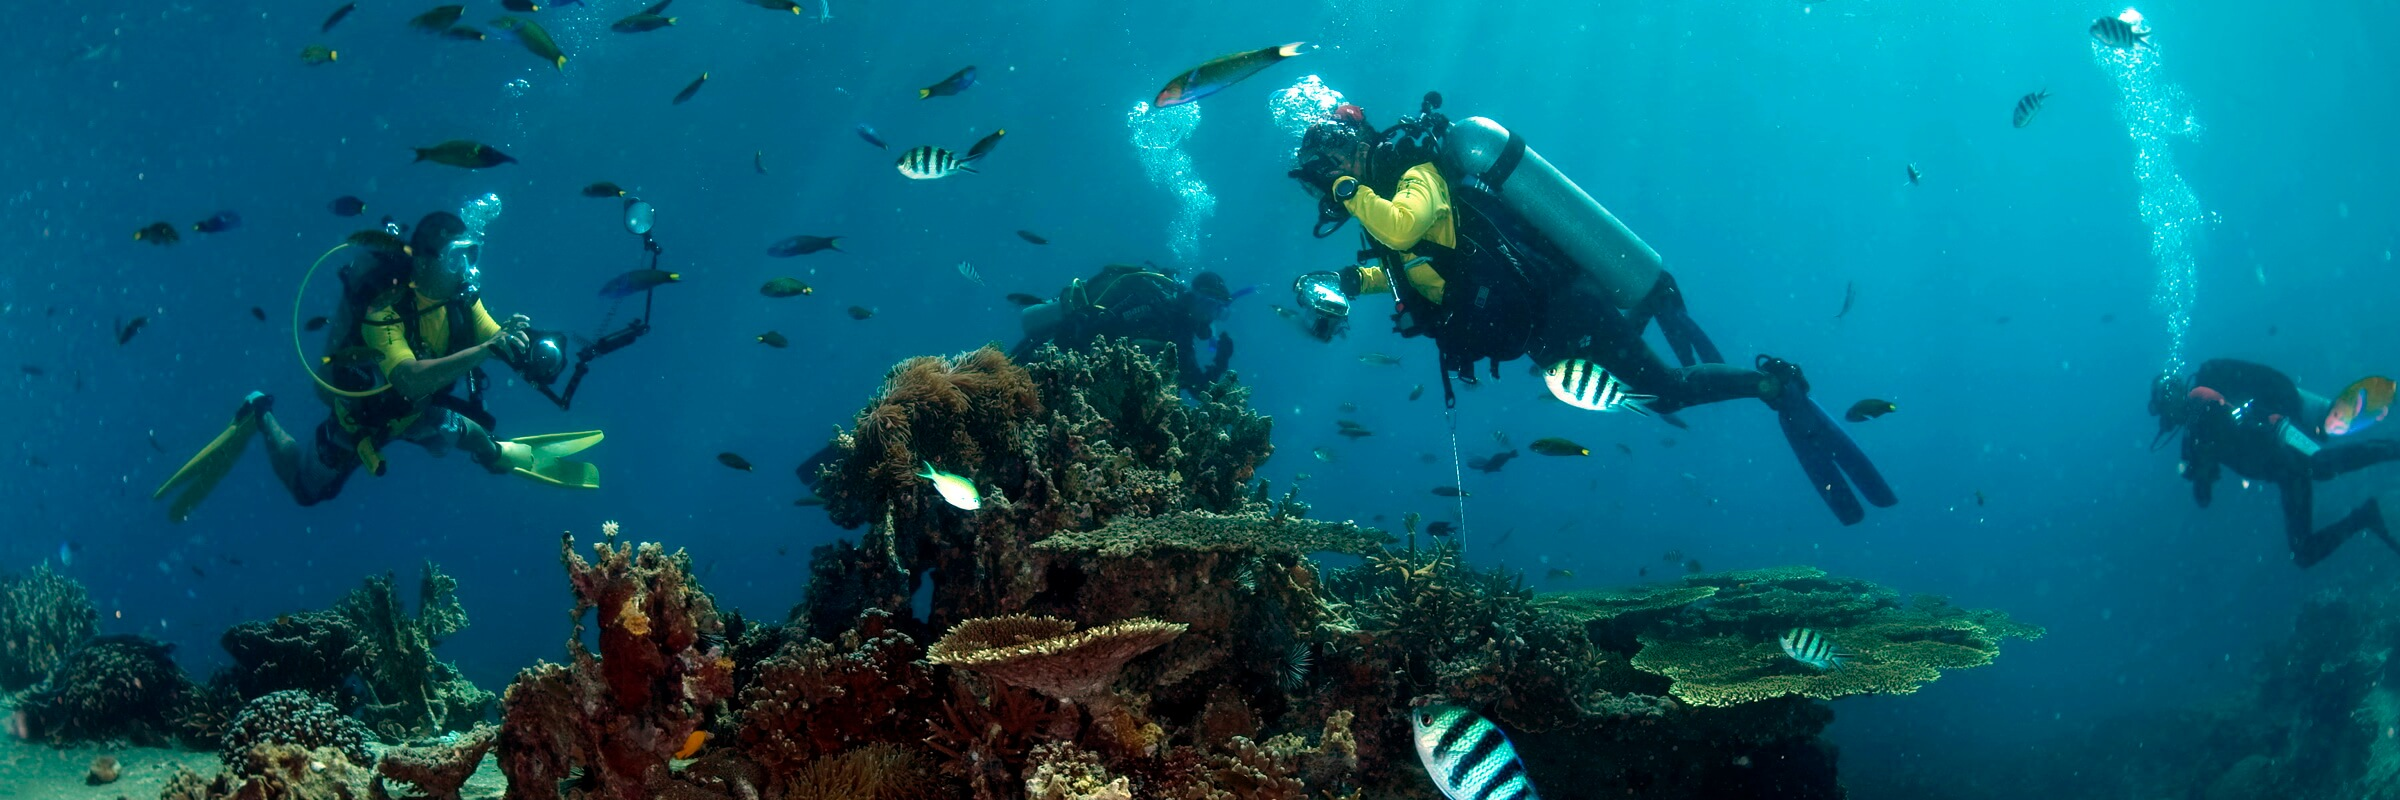 Die farbenfrohe Unterwasserwelt in den Gewässern rund um Tioman begeistert selbst erfahrene Taucher.